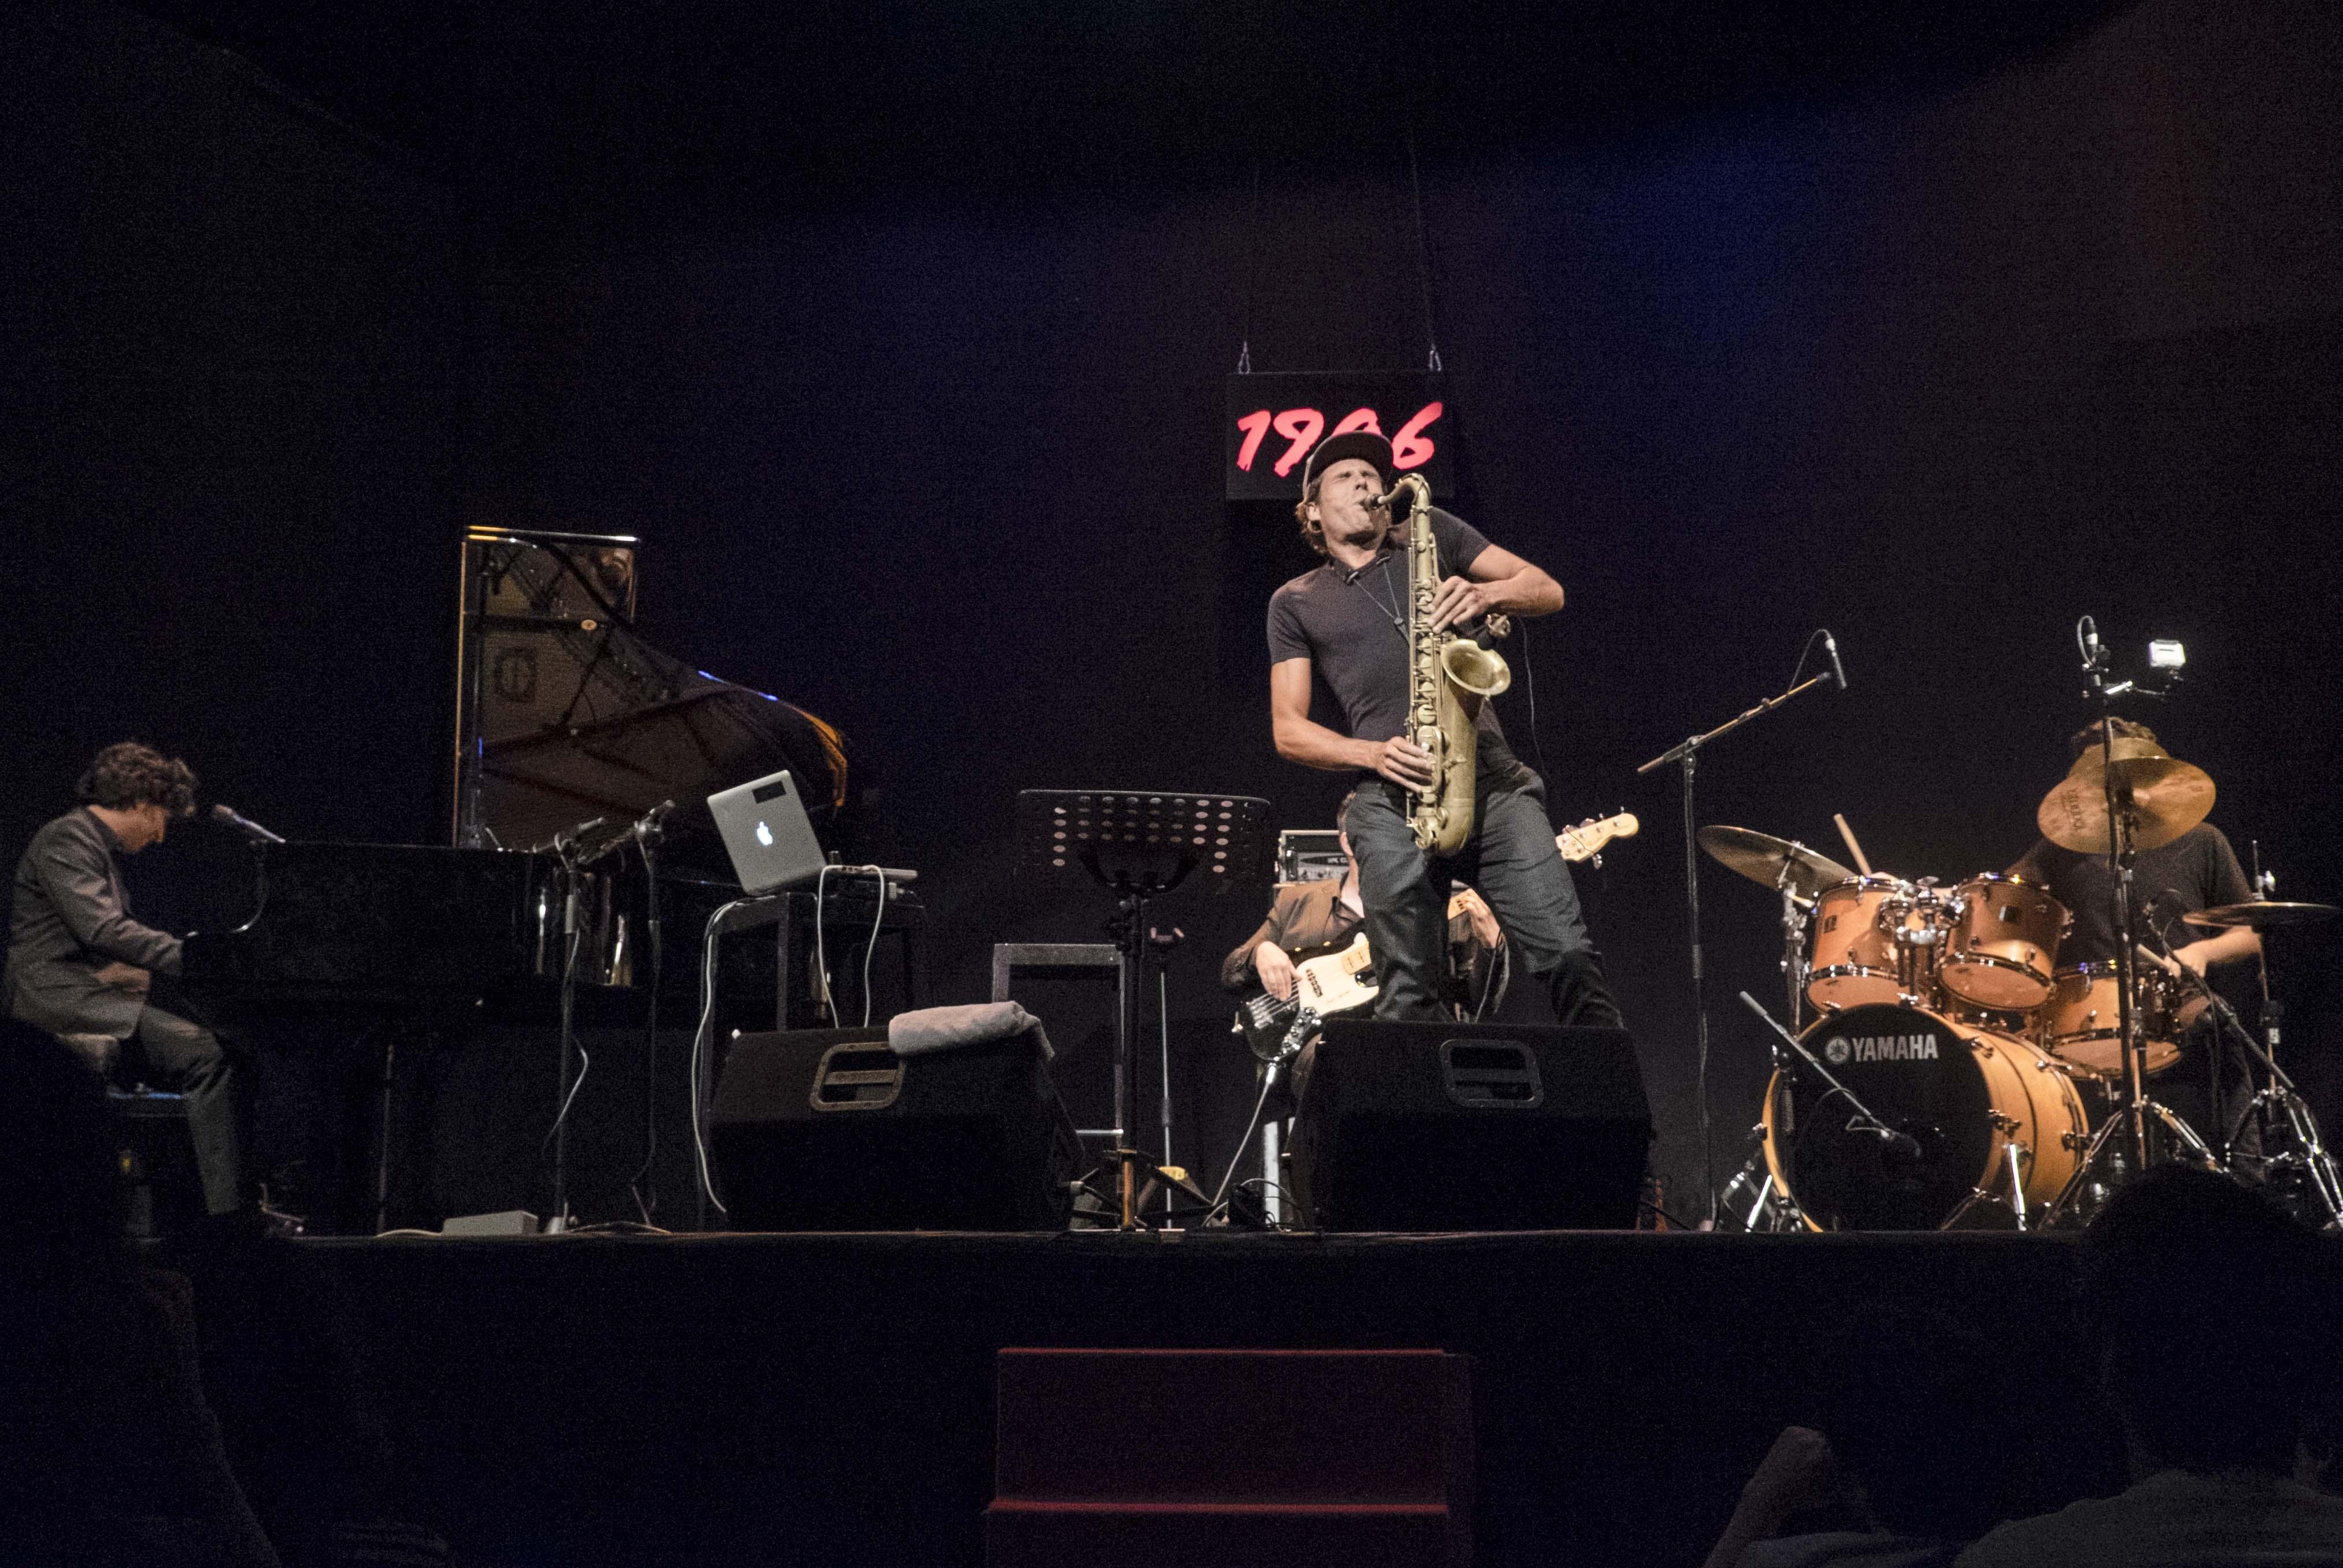 Diego Amador Trío y Llibert Fortuny Teatro Lara 19 junio 2014 Vii Ciclo 1906 Jazz Fotografía Jaime Massieu 03